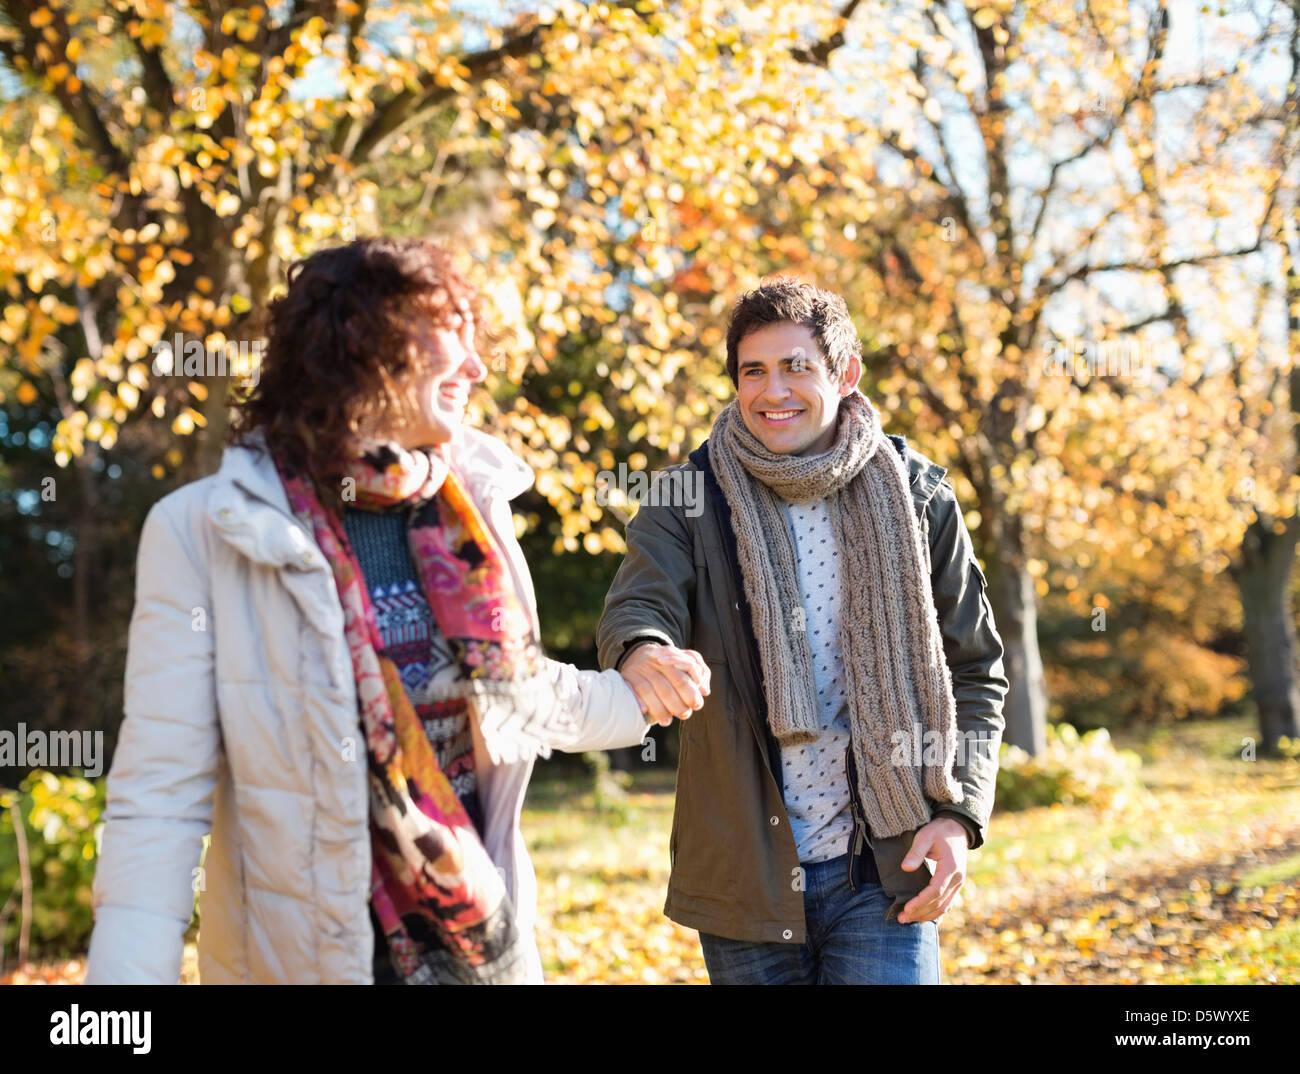 Paar halten Hände im park Stockfoto